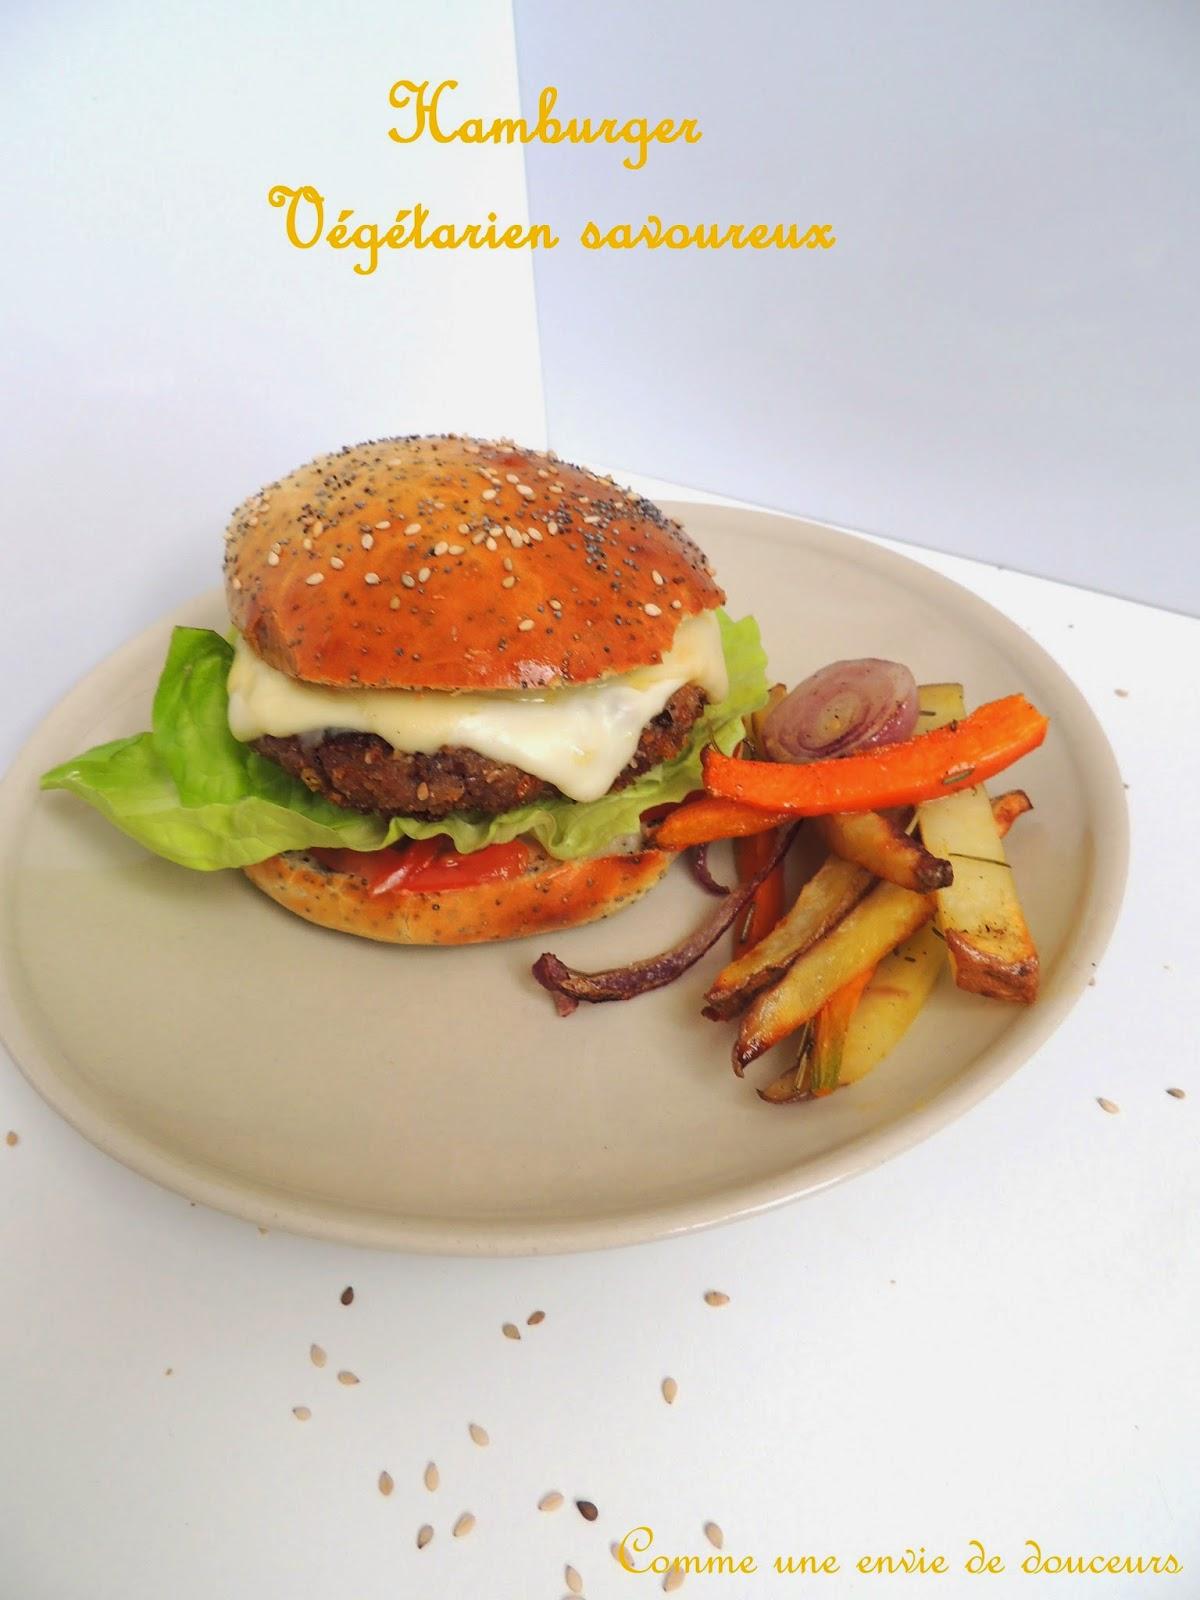 Buns & hamburger végétarien savoureux – Home made buns & veggie burger